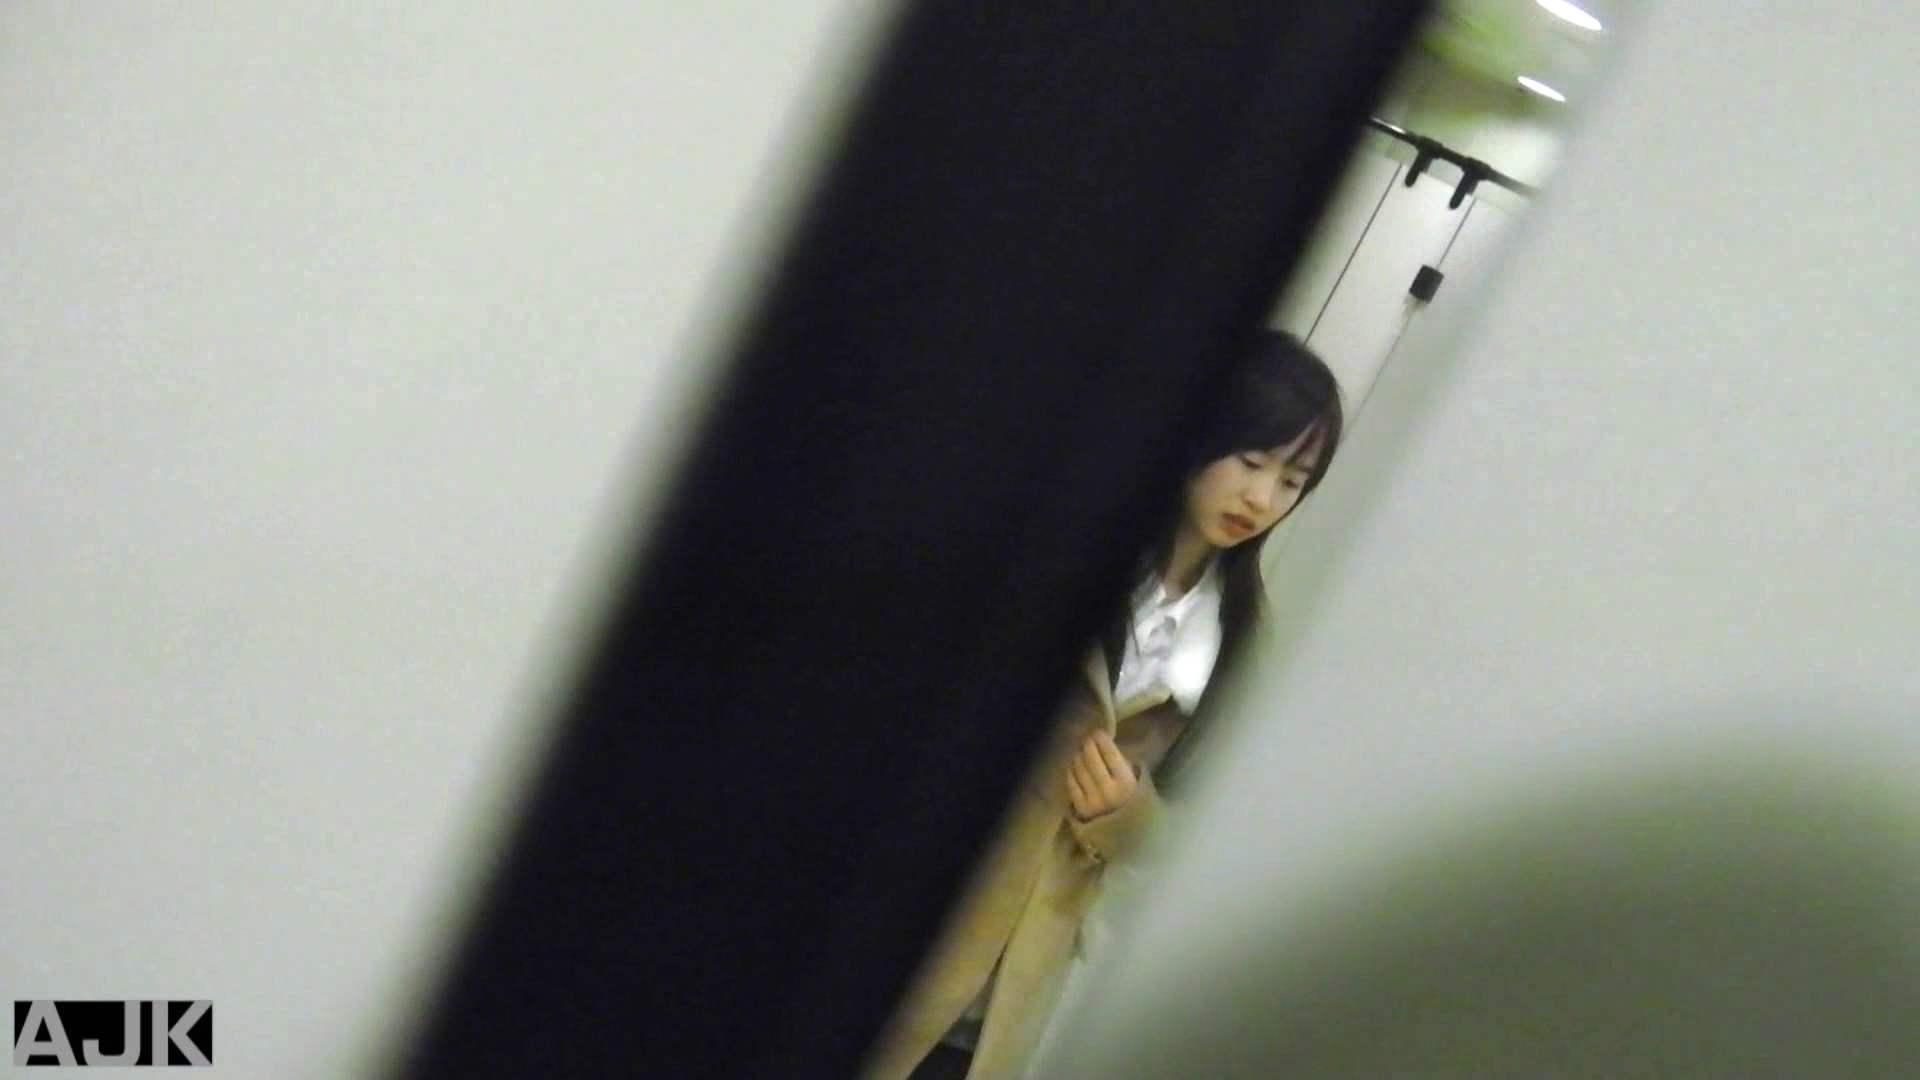 神降臨!史上最強の潜入かわや! vol.18 肛門 盗撮戯れ無修正画像 98PICs 48